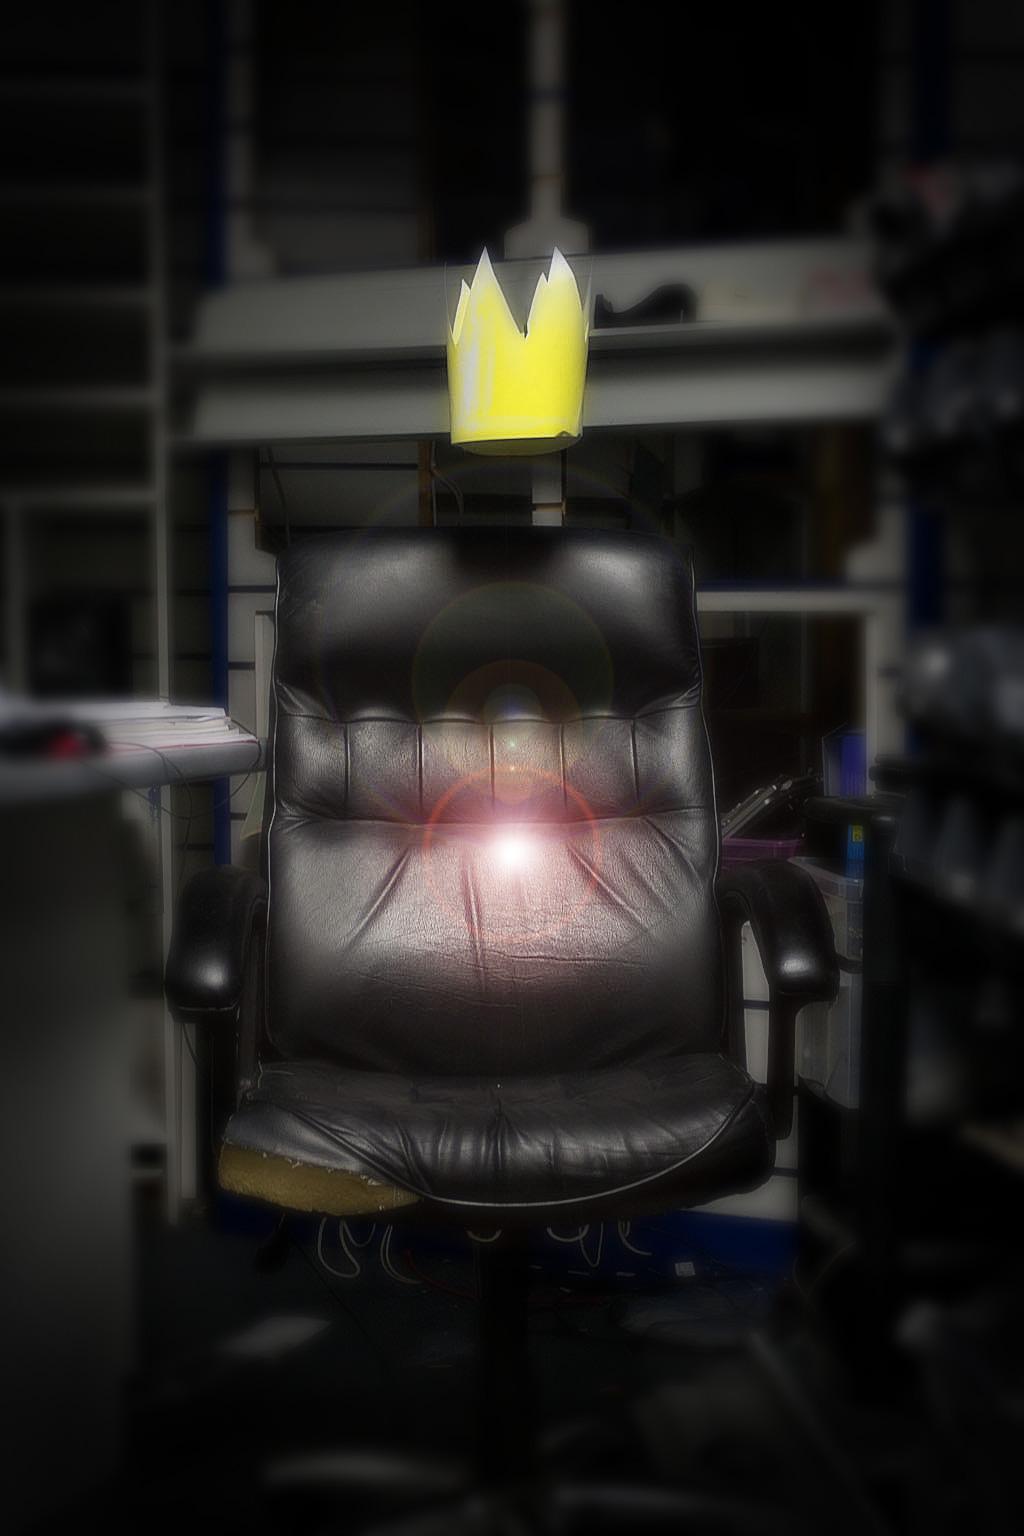 king-012